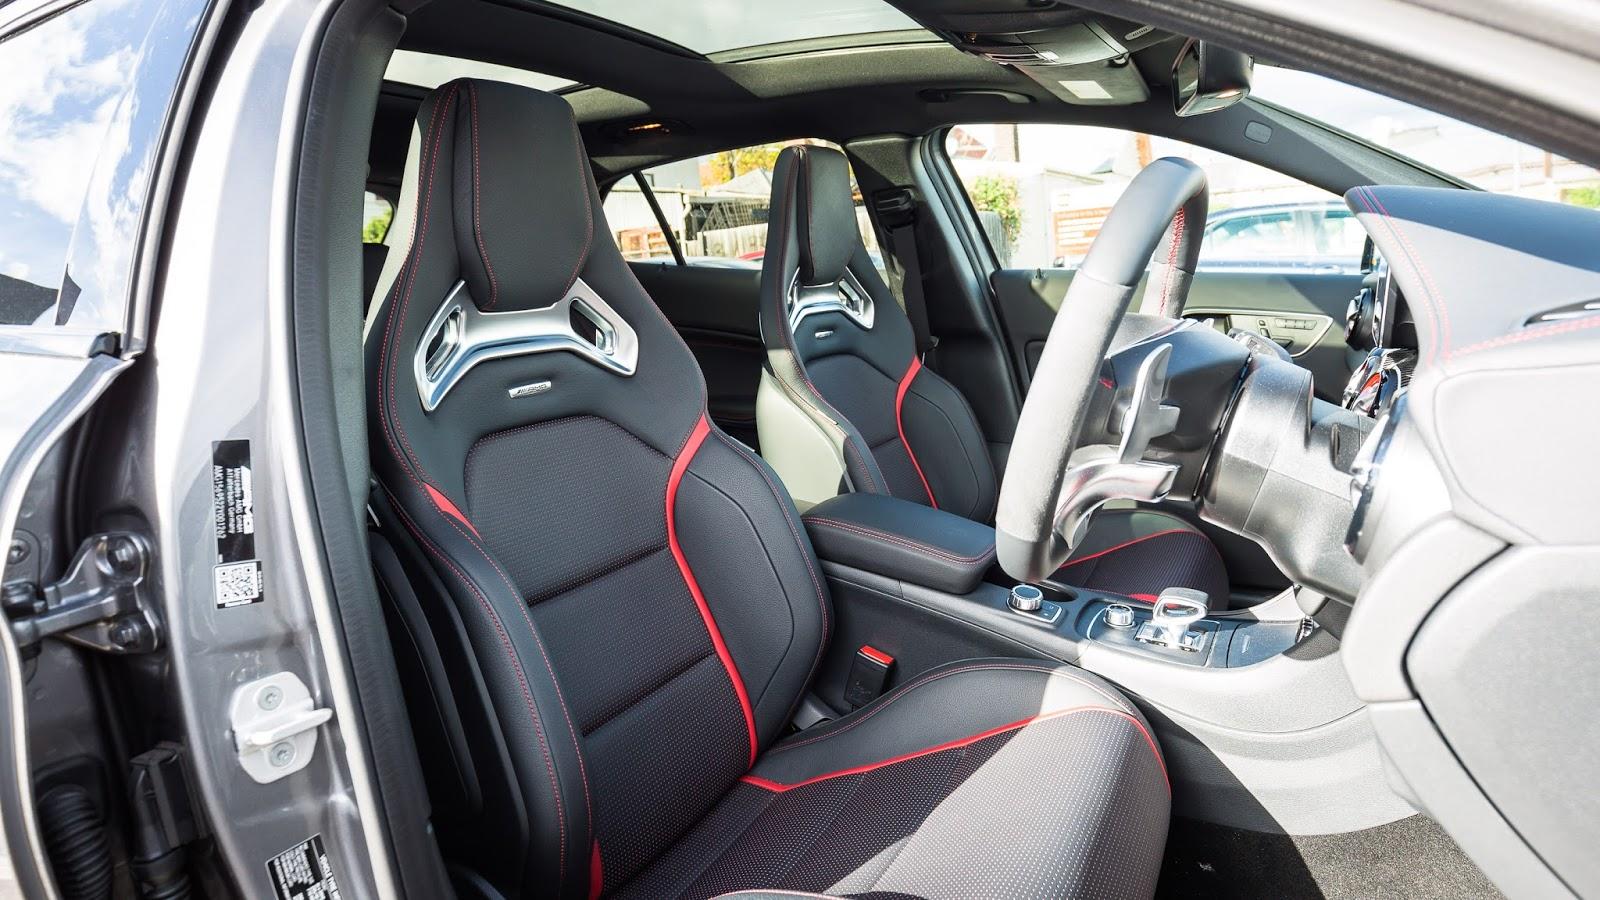 Ghế AMG, thể thao, cá tính, tạo sự phấn khích cho người lái